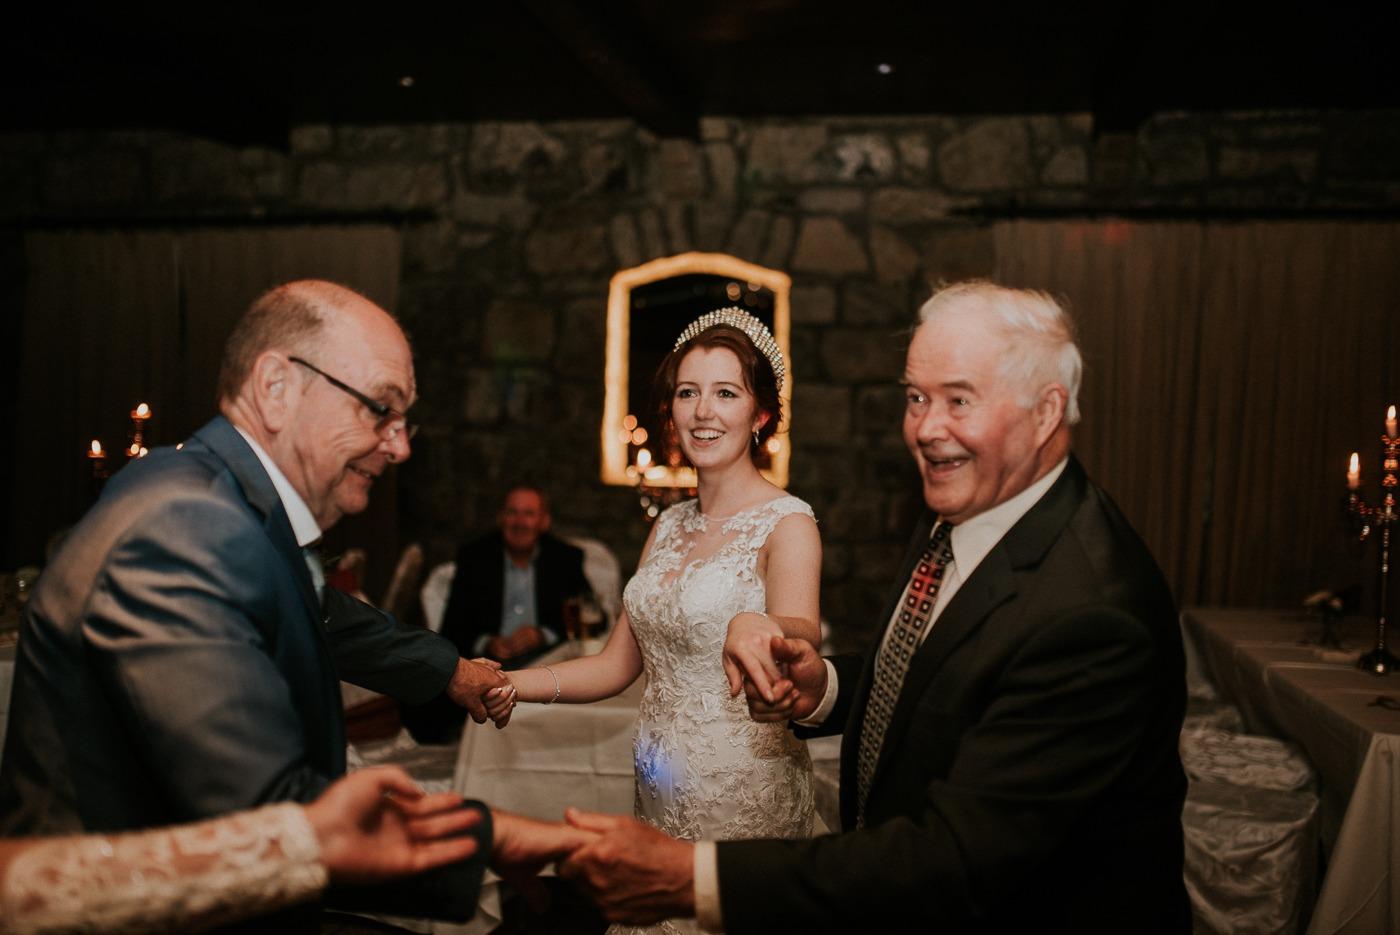 Caroline Kenny et al. holding wine glasses